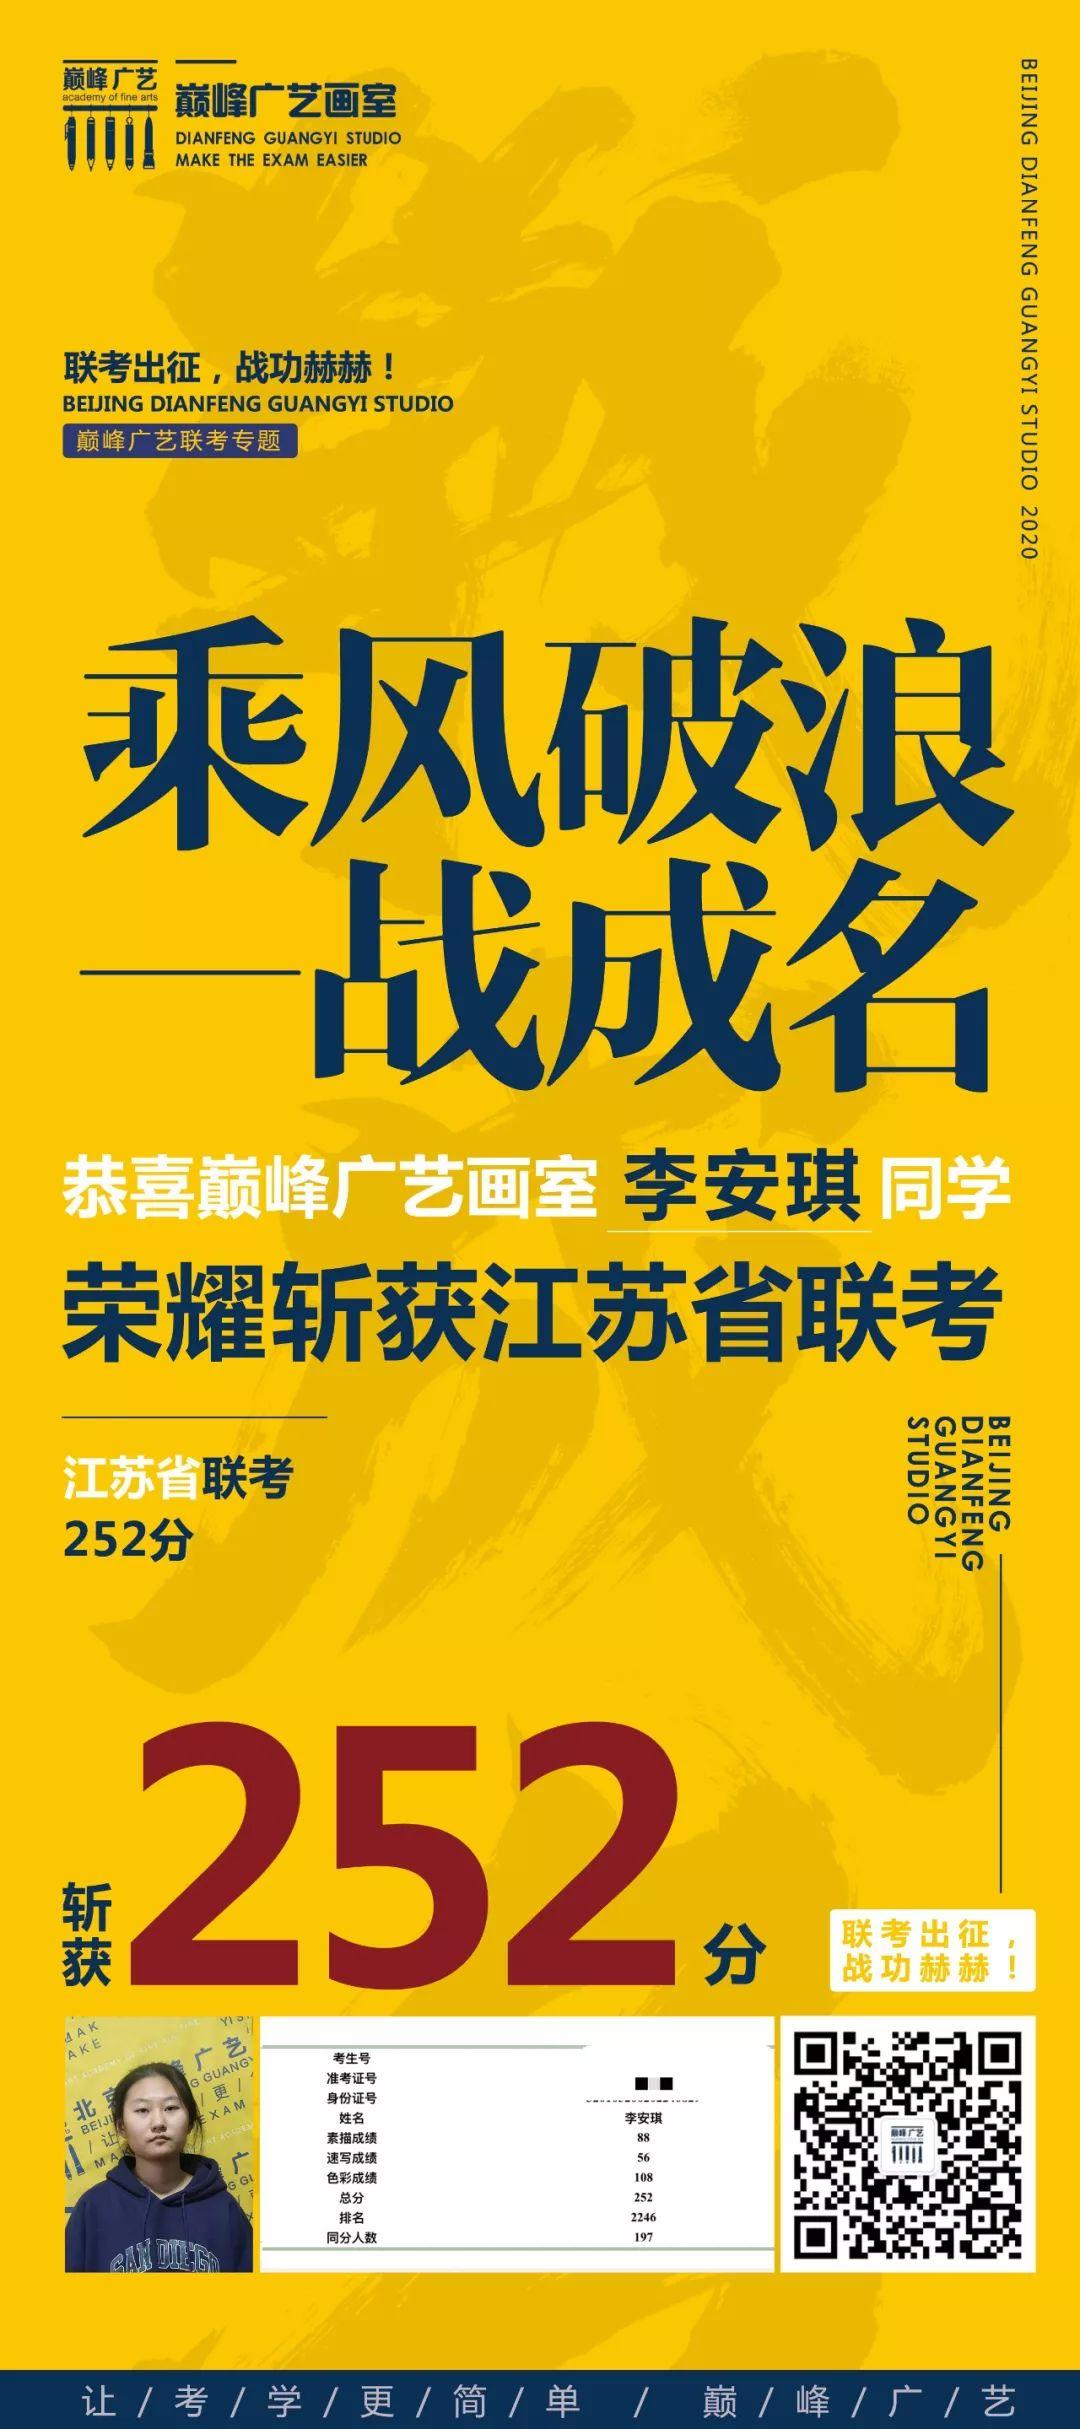 北京美术联考,北京巅峰广艺画室,北京画室     06